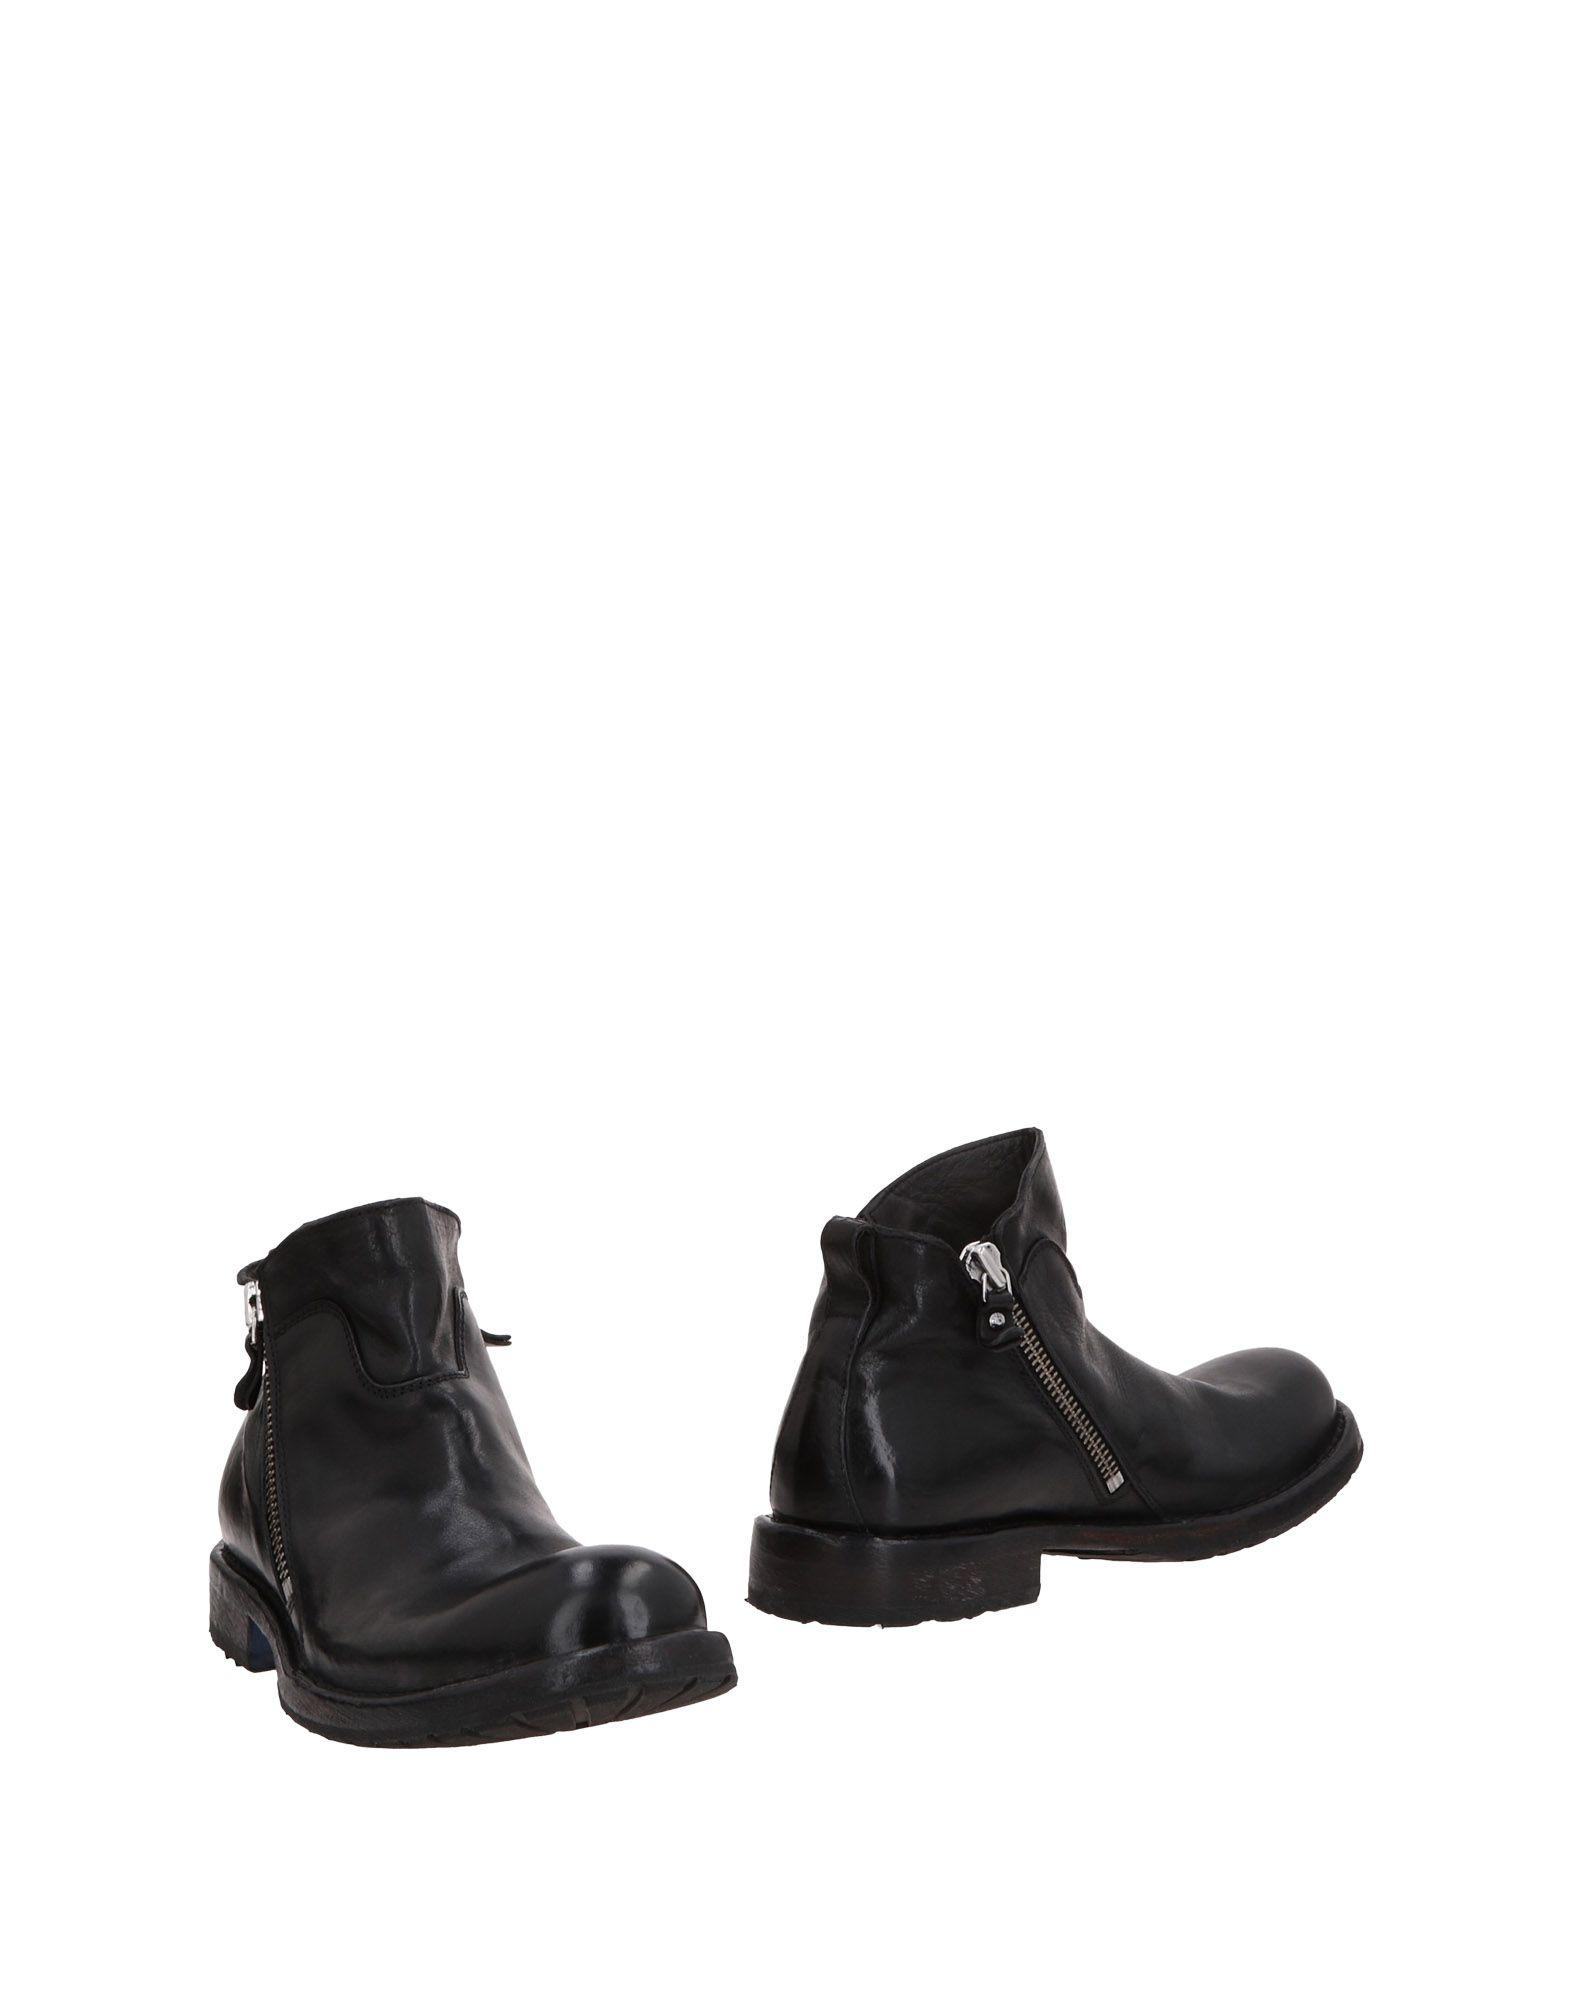 Bottine Moma Homme - Bottines Moma  Noir Les chaussures les plus populaires pour les hommes et les femmes